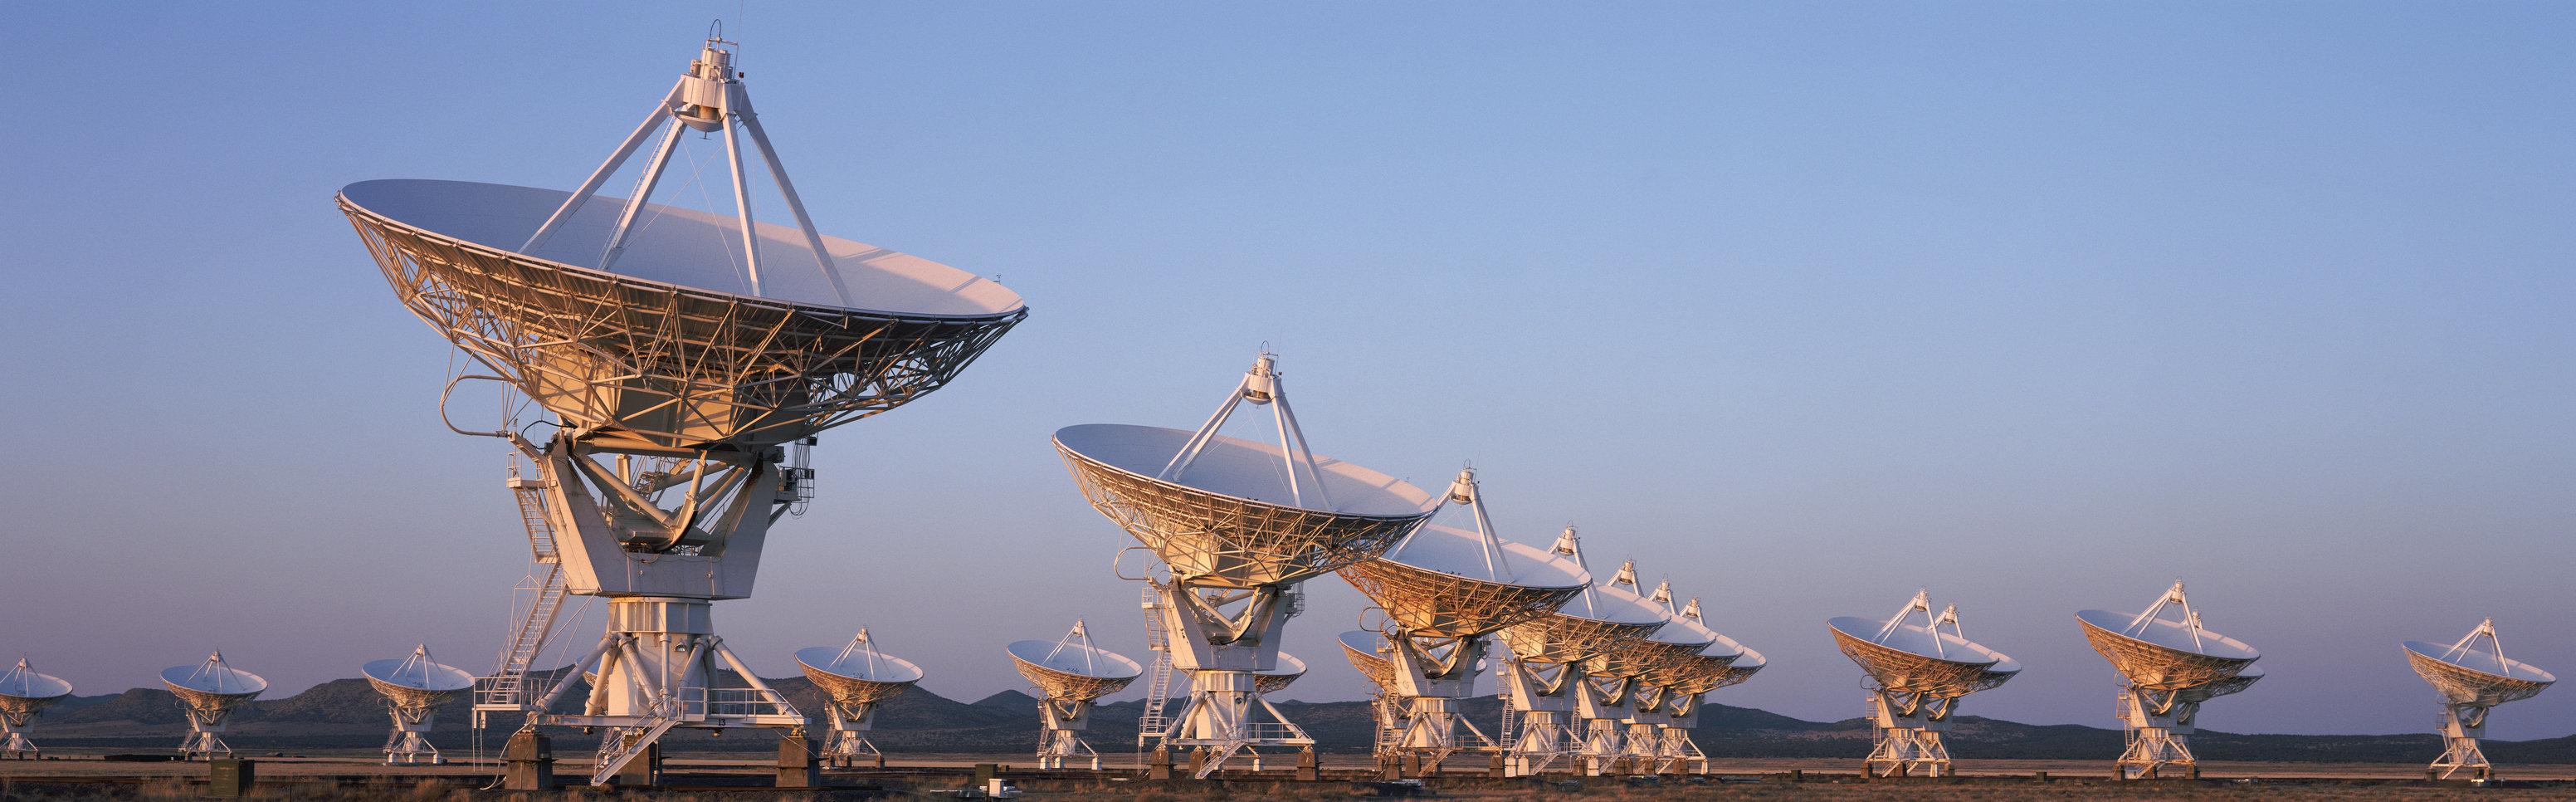 Very Large Array Radio Telescopes, New Mexico, USA